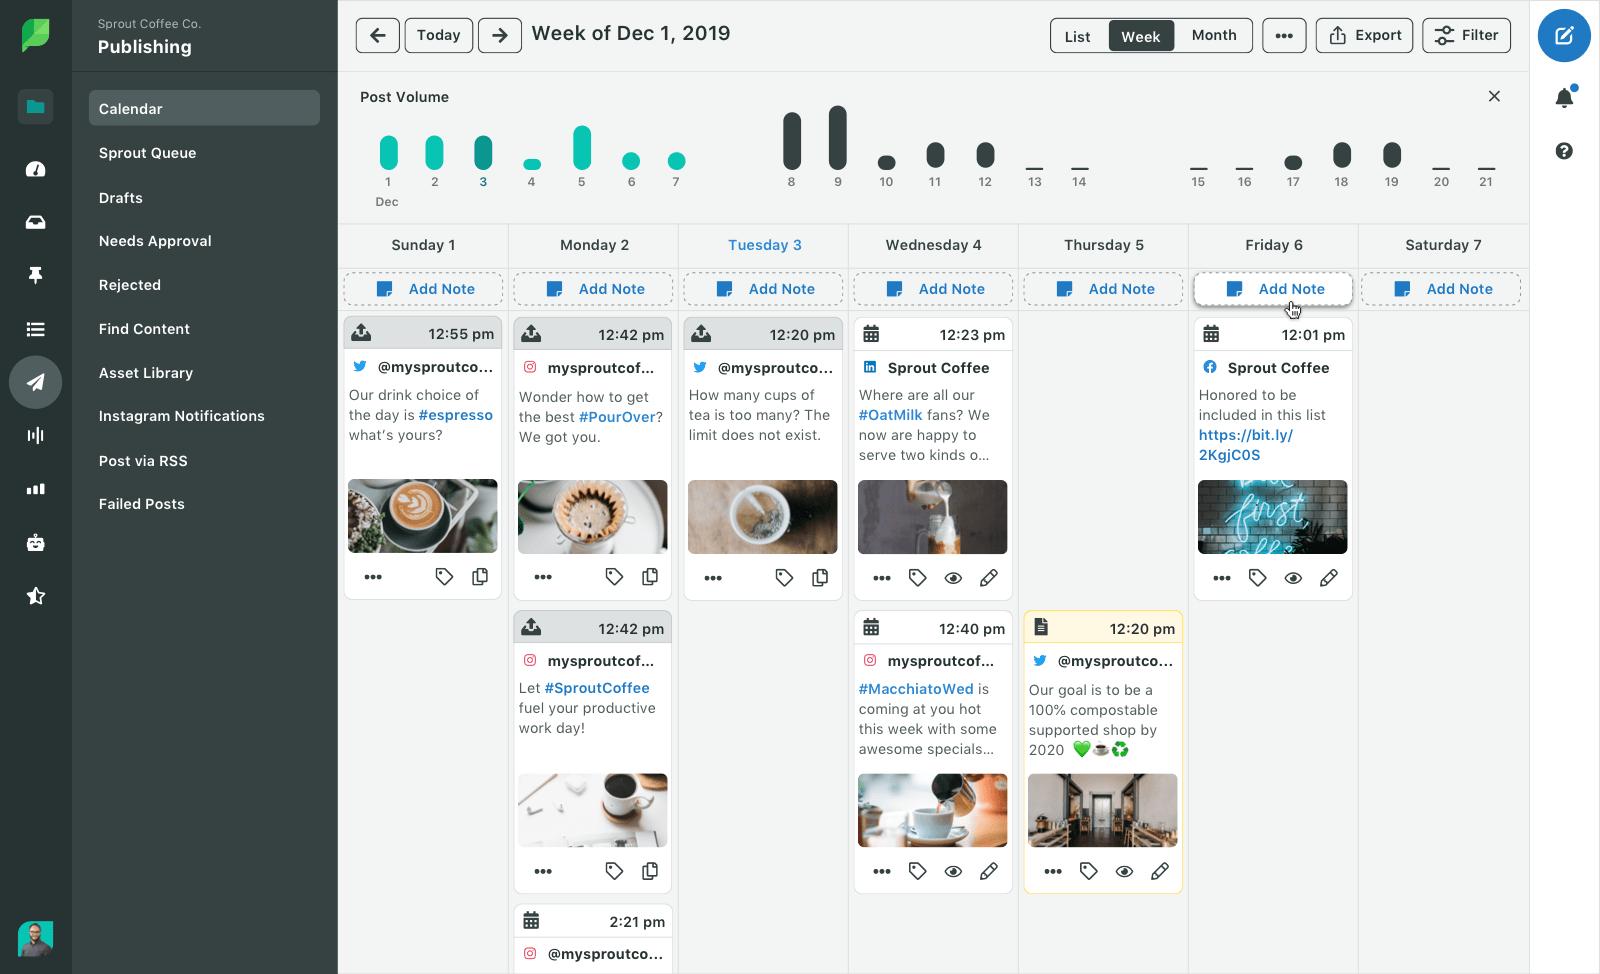 Планирование постов и публикаций в программном продукте для социального маркетинга и PR Sprout Social